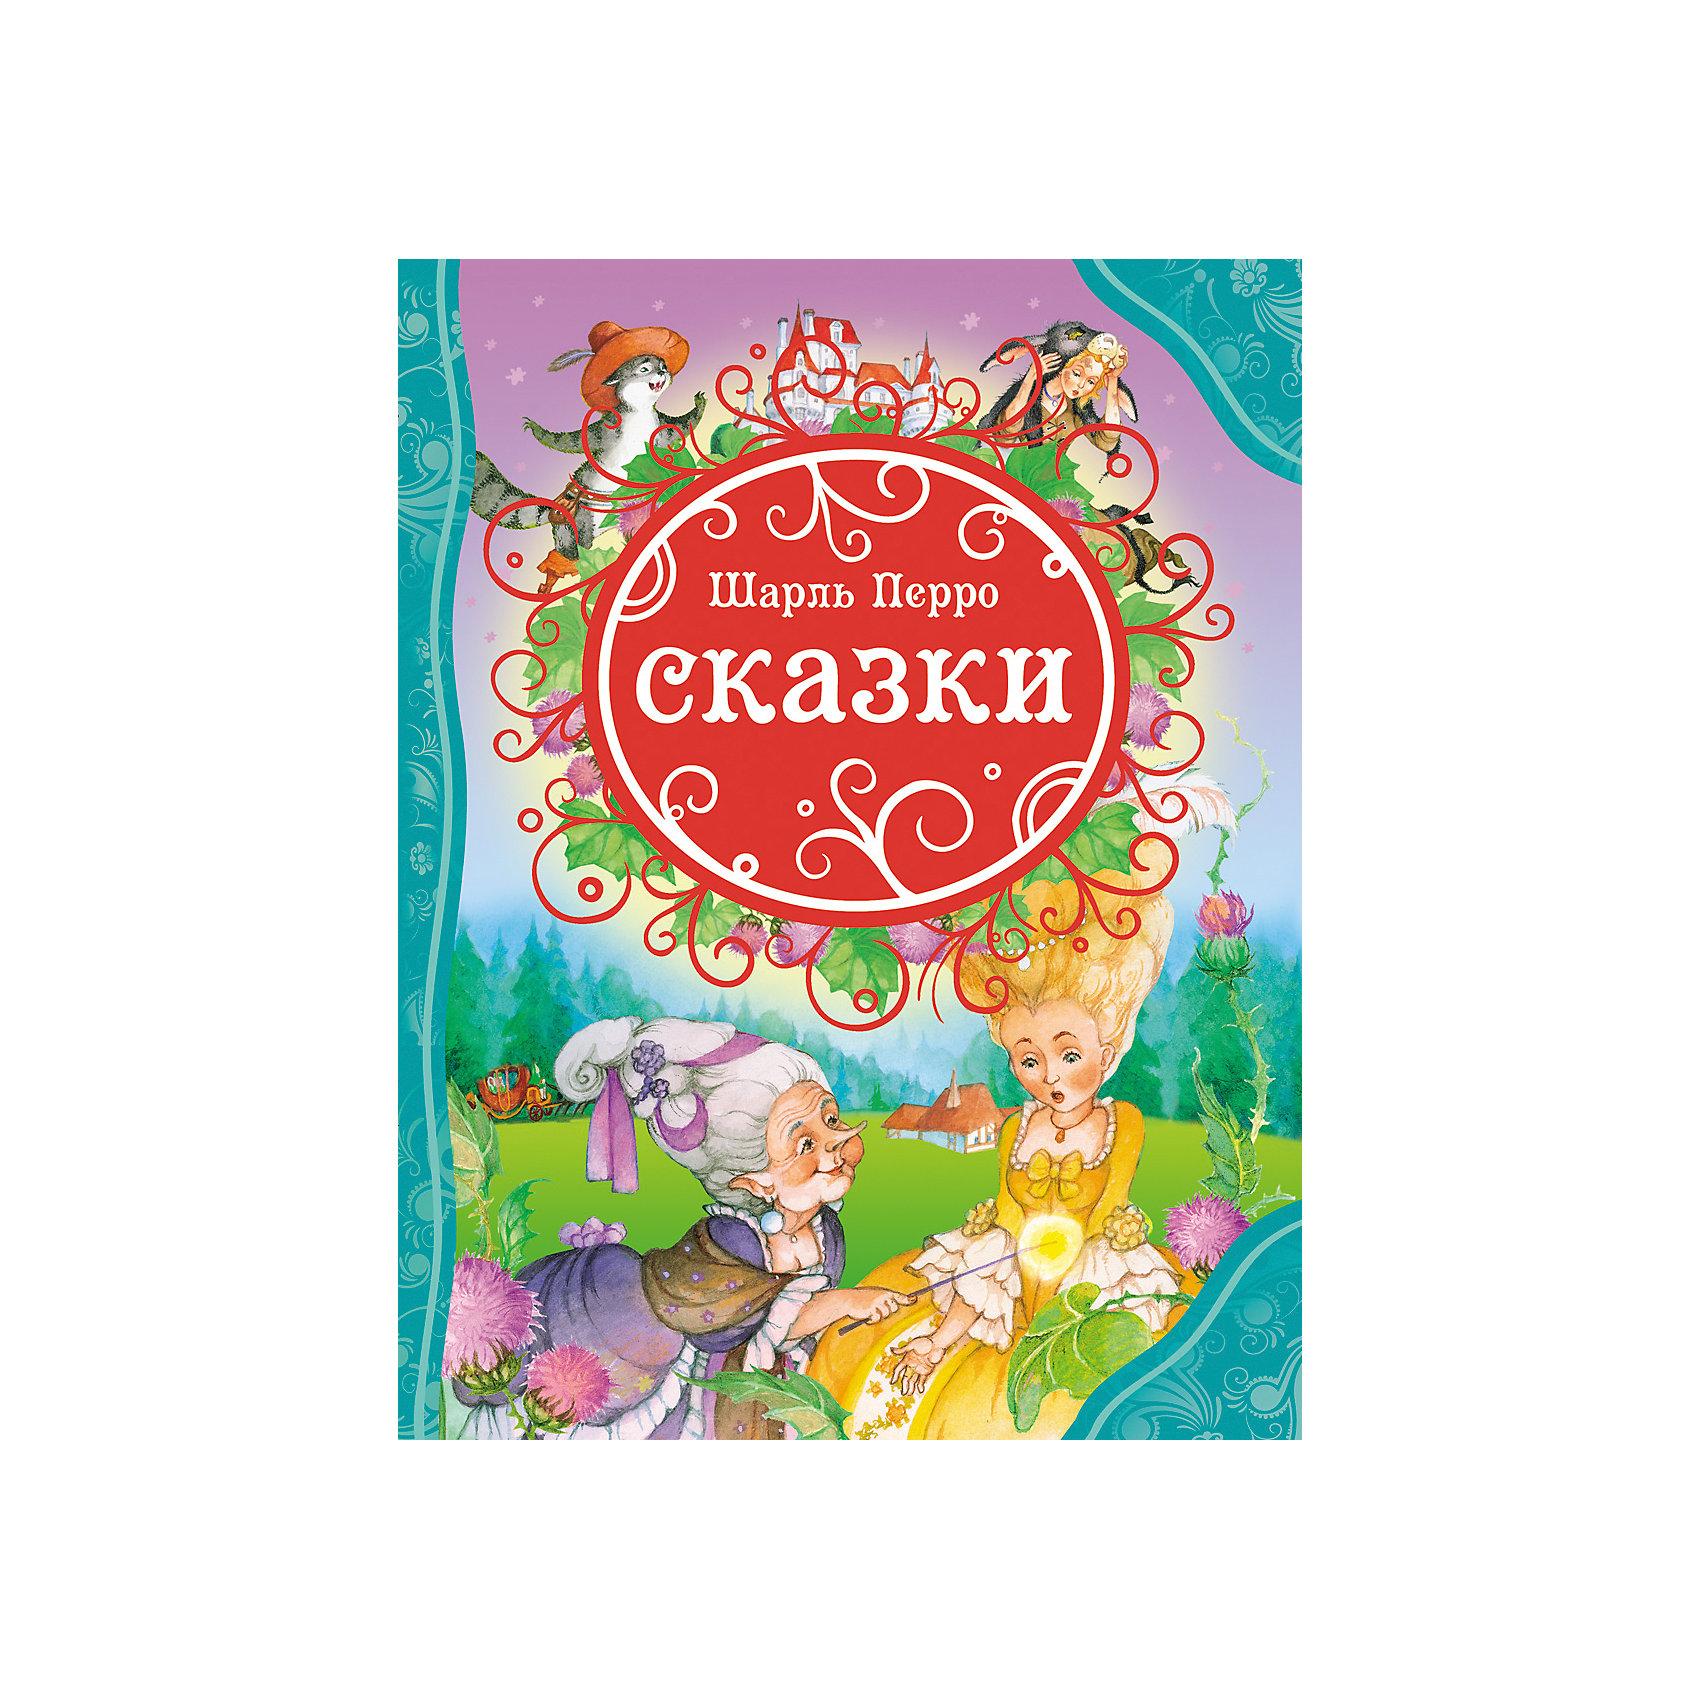 Росмэн Сказки, Ш. Перро художественные книги росмэн сказка золушка перро ш